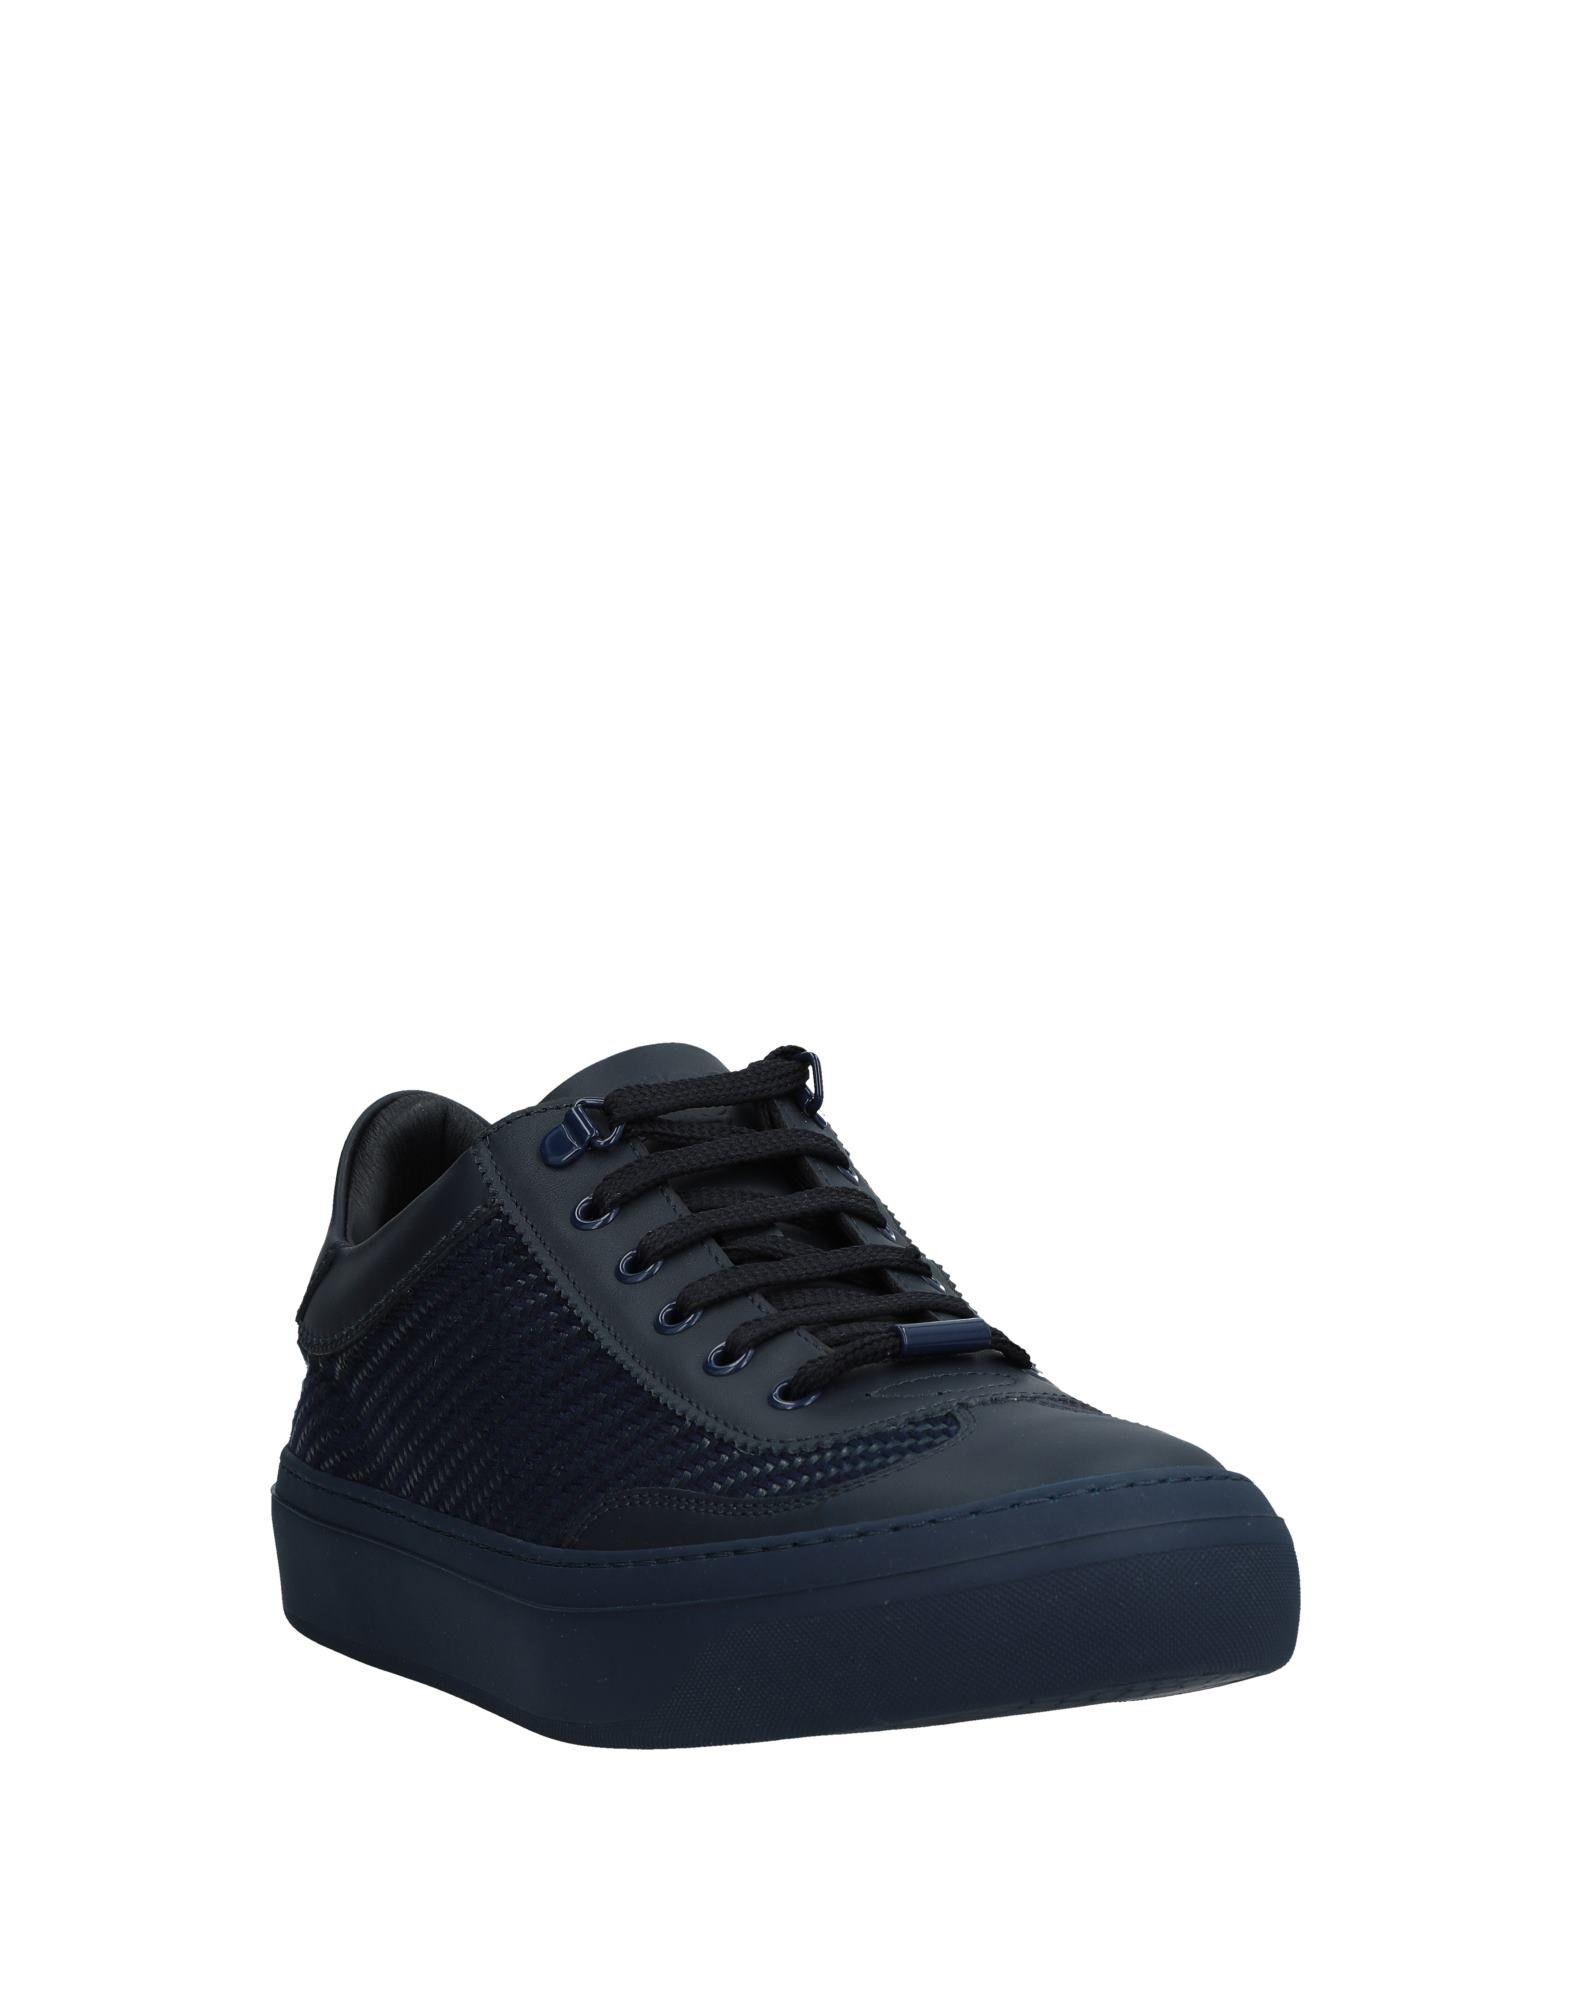 Jimmy Choo Sneakers Herren    11530530NH ae4fc5